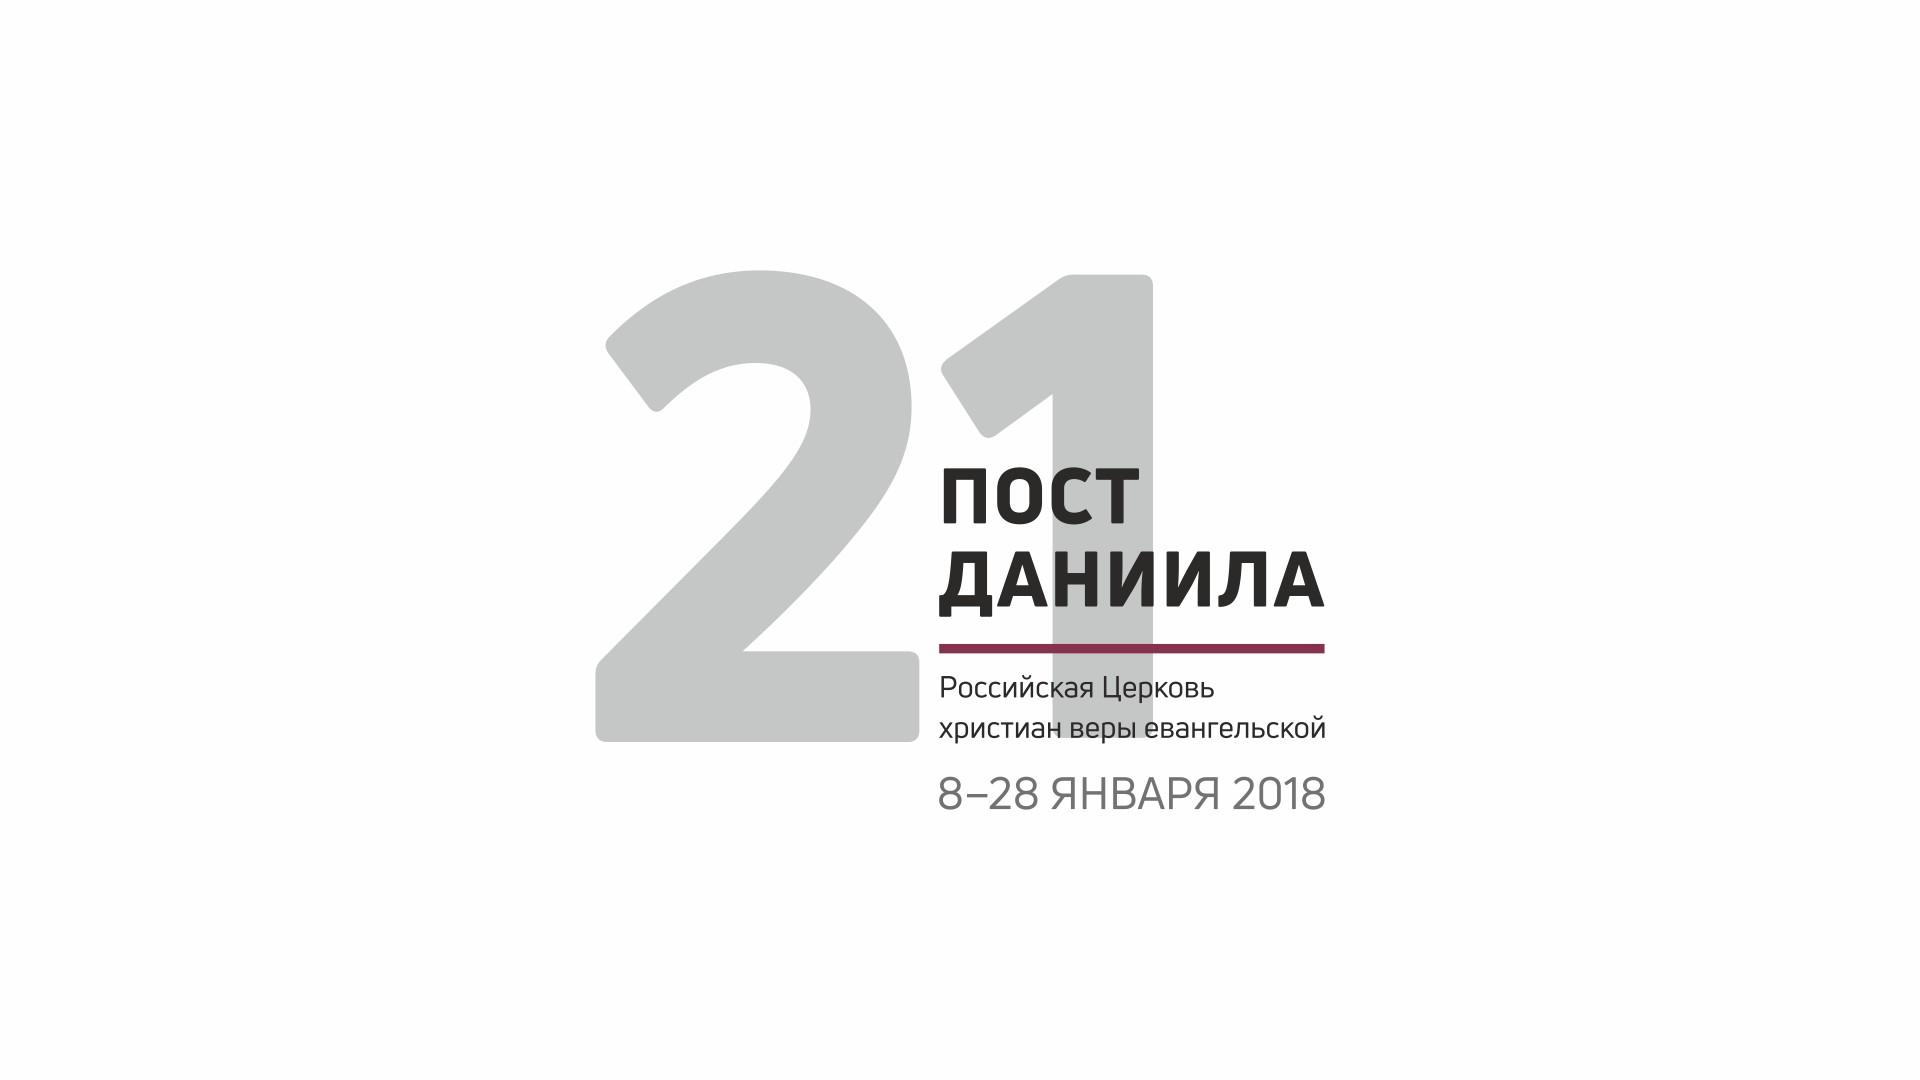 Общероссийский пост с 8 по 28 января 2018 года